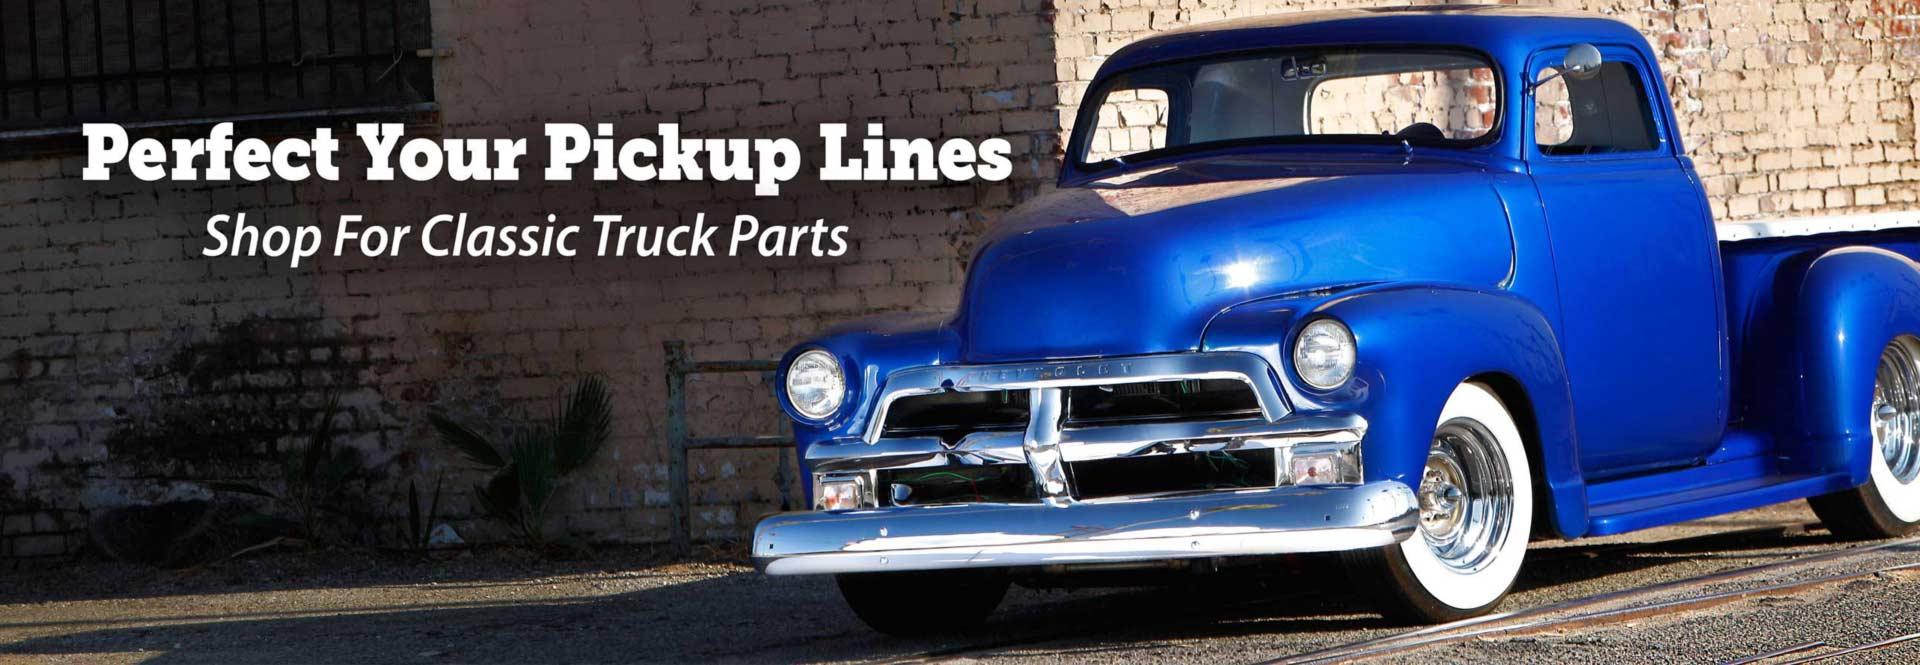 Shop Classic Truck Parts